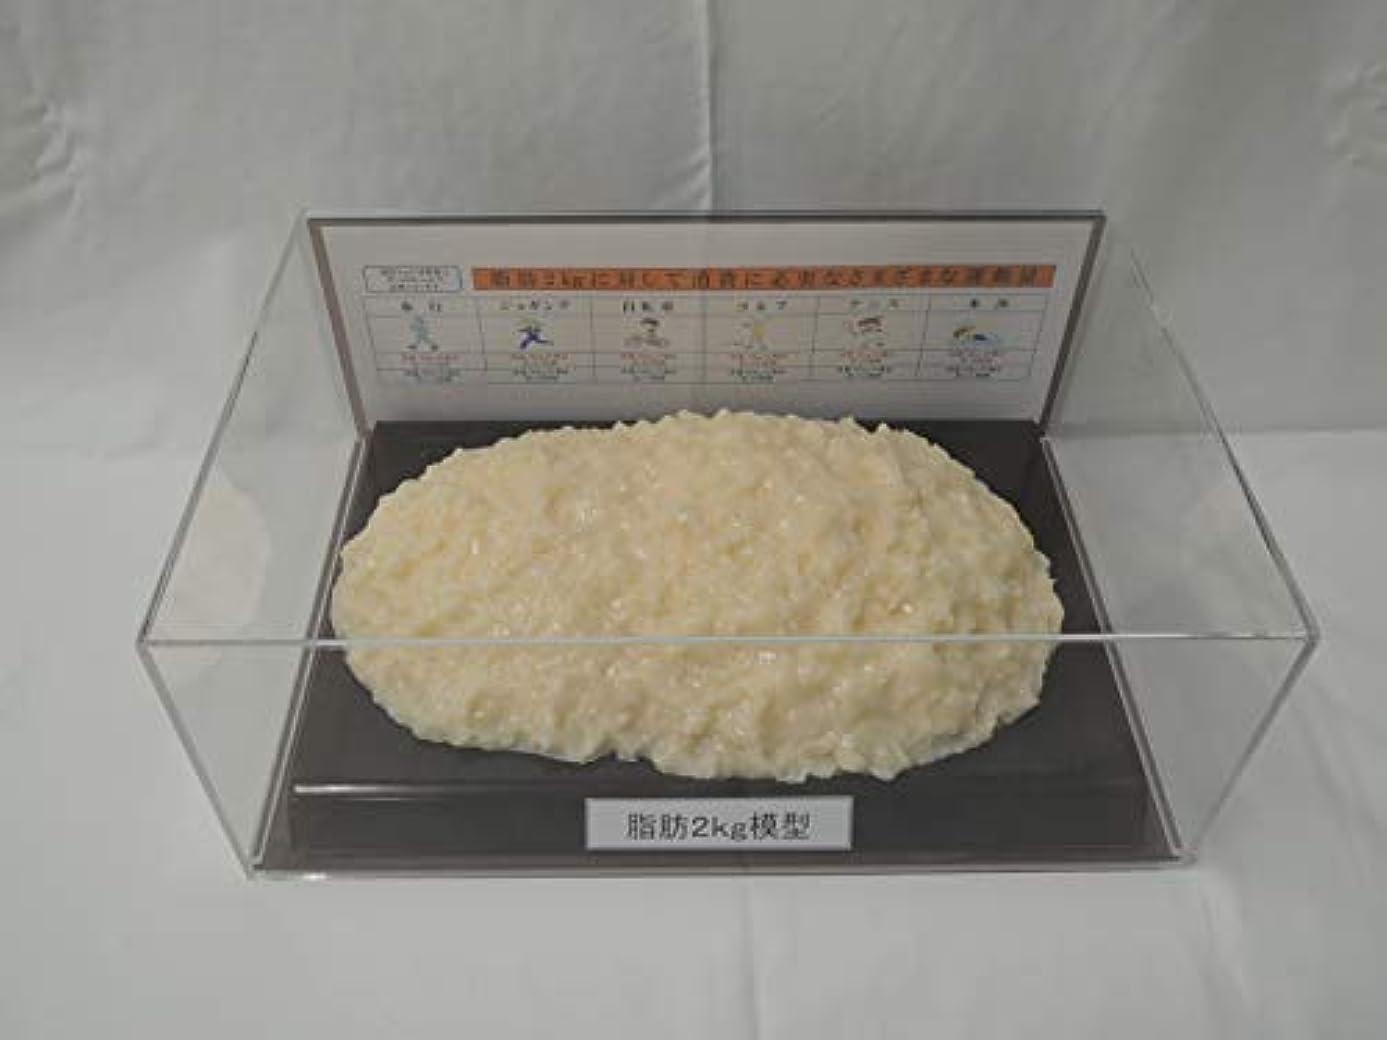 スクワイアこだわりダーベビルのテス脂肪模型 フィギアケース入 2kg ダイエット 健康 肥満 トレーニング フードモデル 食品サンプル